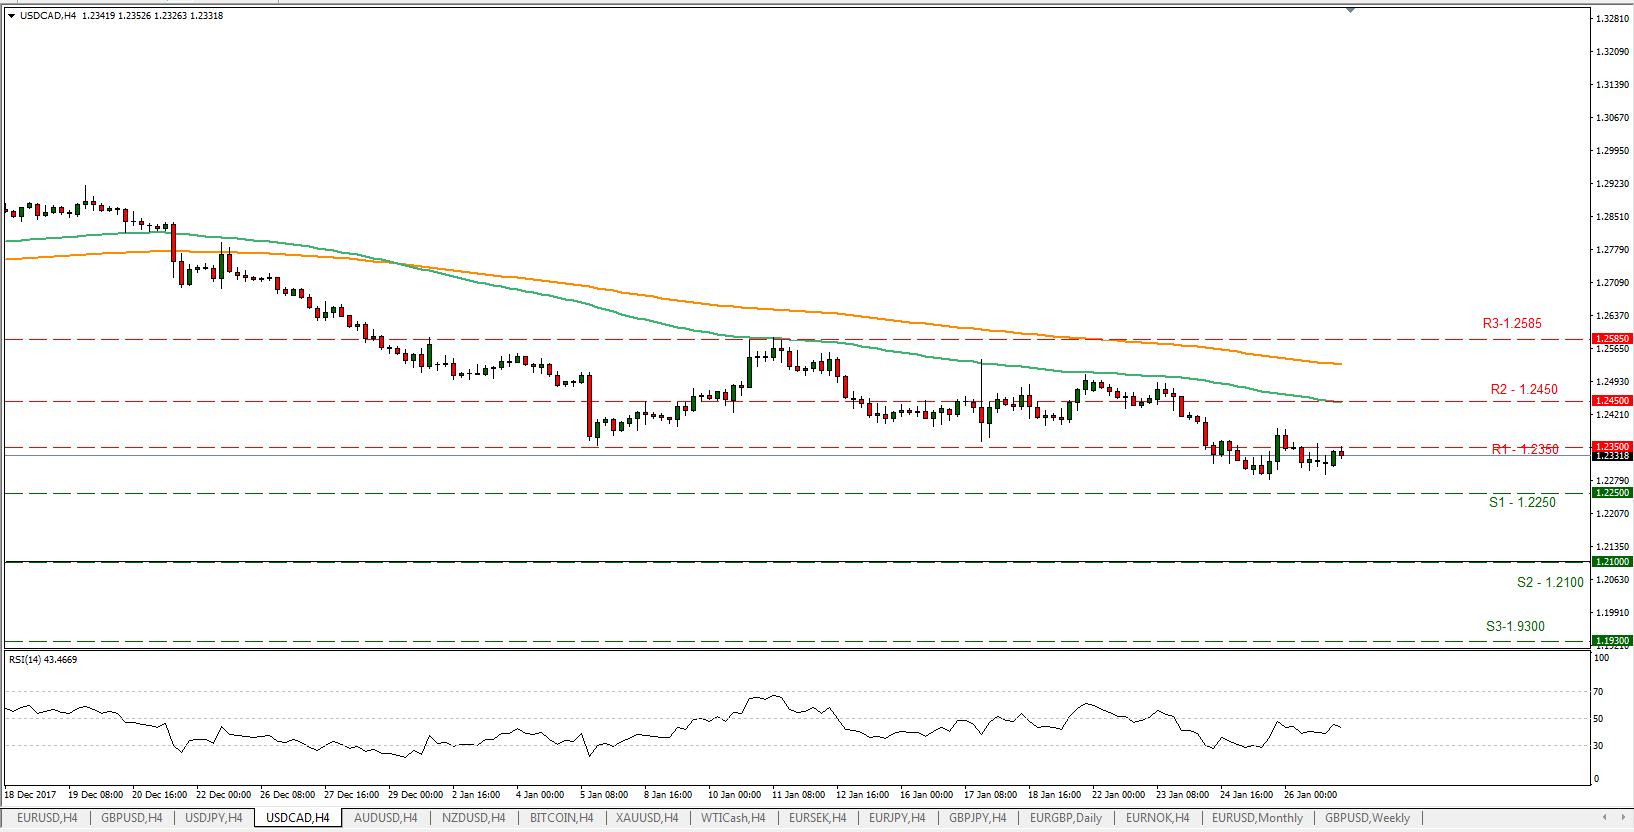 USD/CAD 29/01/2018 | Econ Alerts